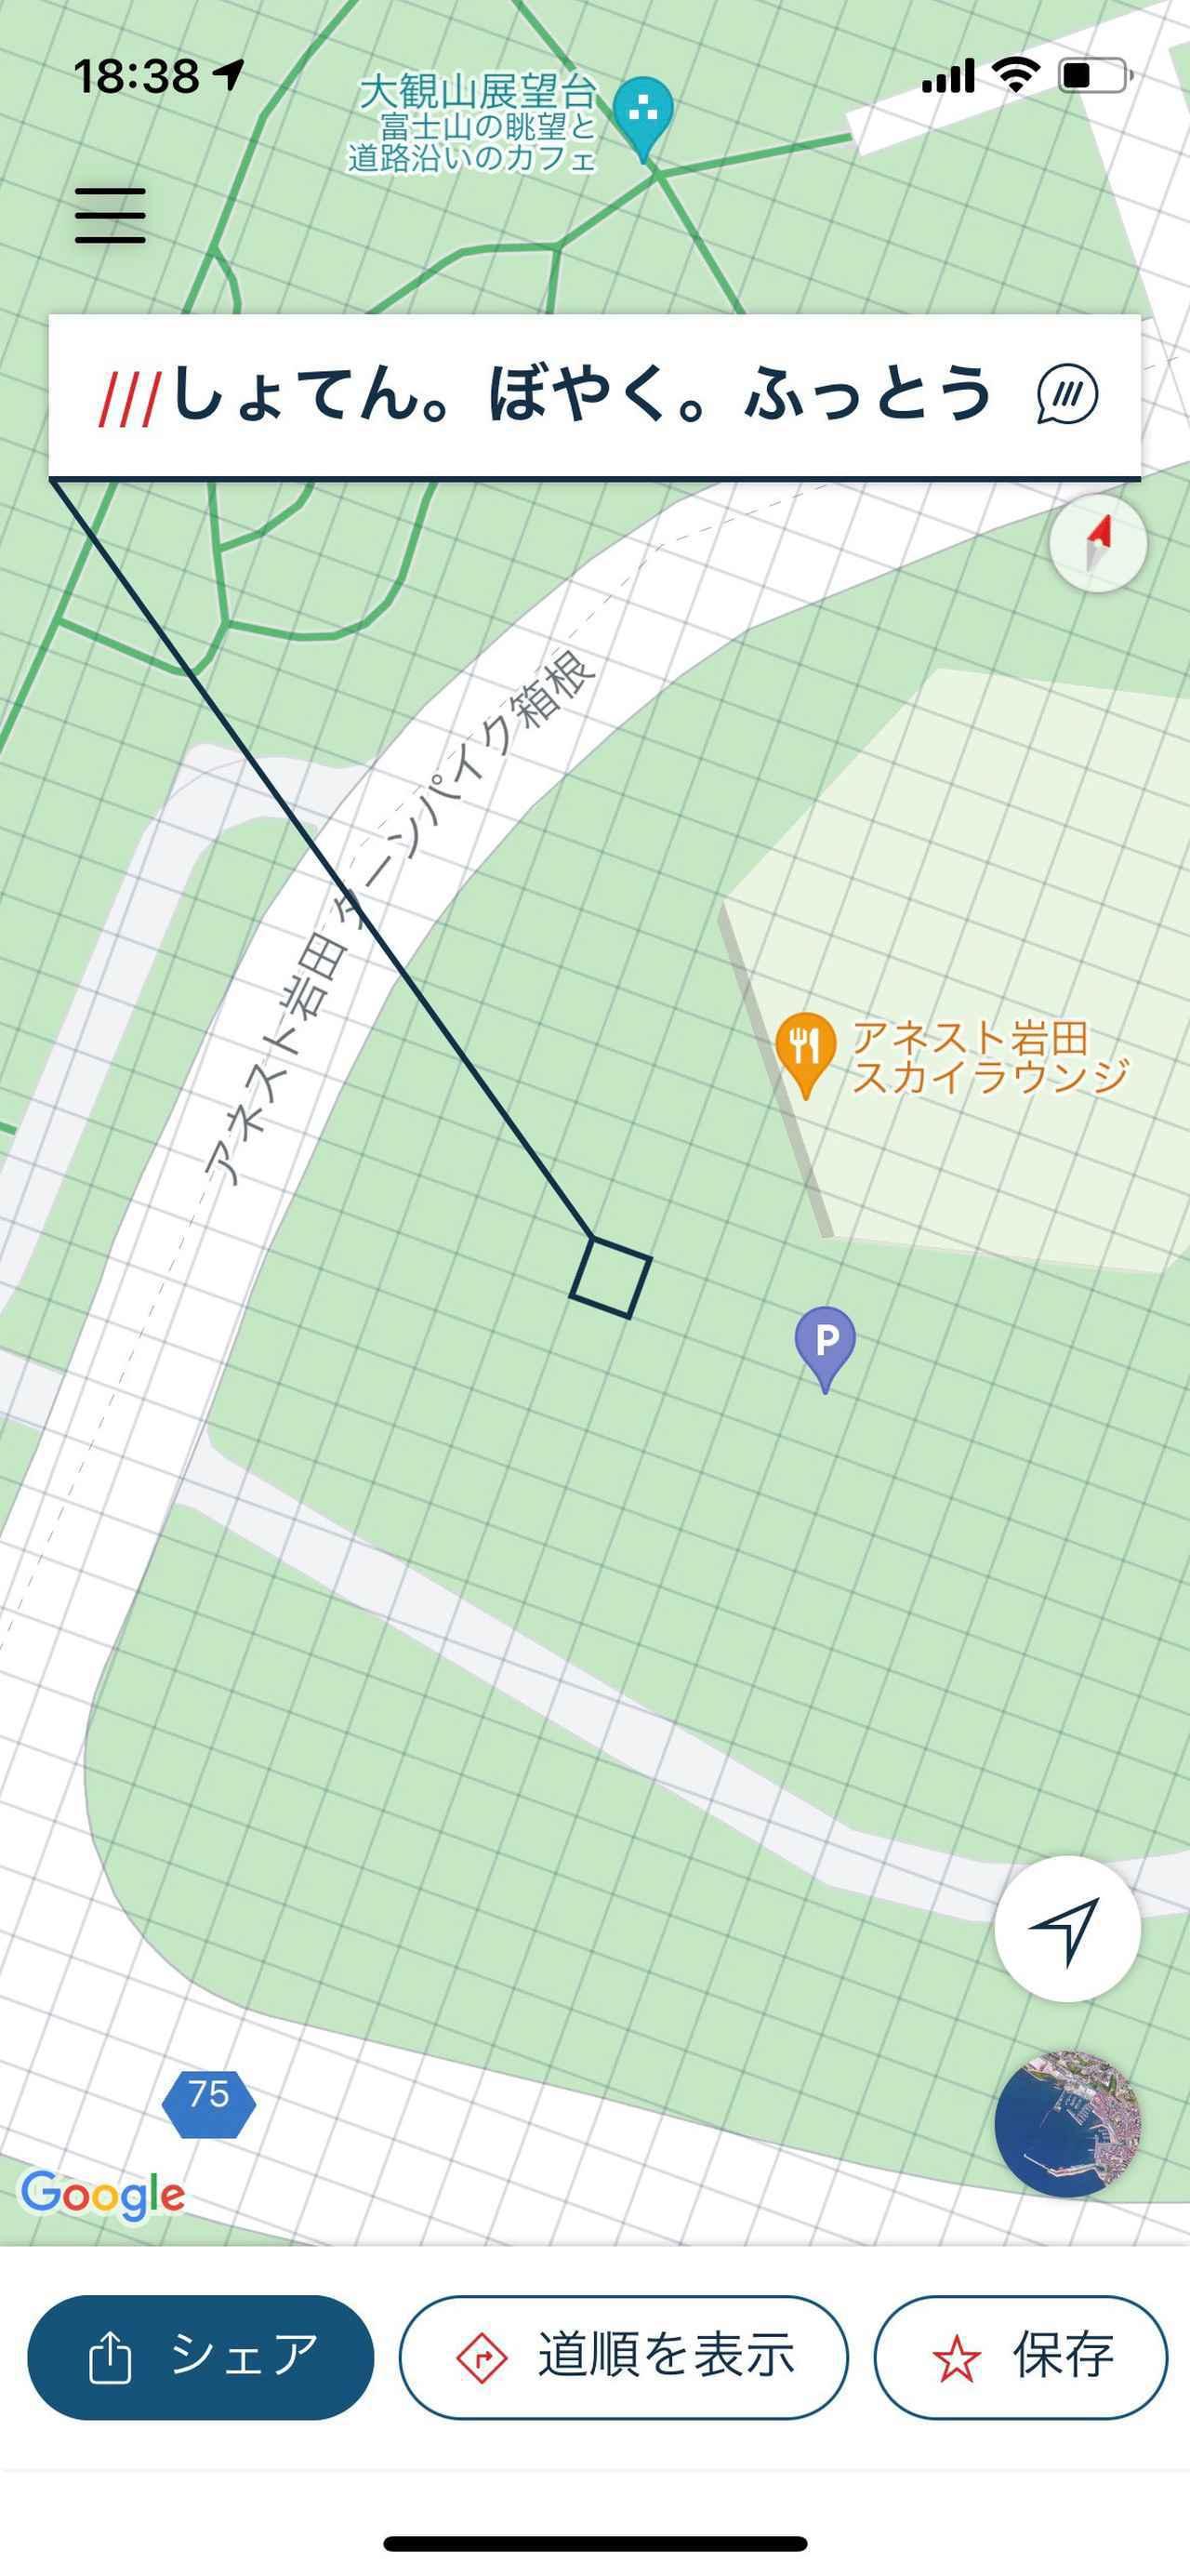 画像: ▲what3wordsアプリで指定した大観山展望台駐車場の1マスに付与されたwhat3wordsアドレス。 ※この画像はwhat3wordsアプリの使用例で、実際にX1で音声入力システムを使用したものではありません。